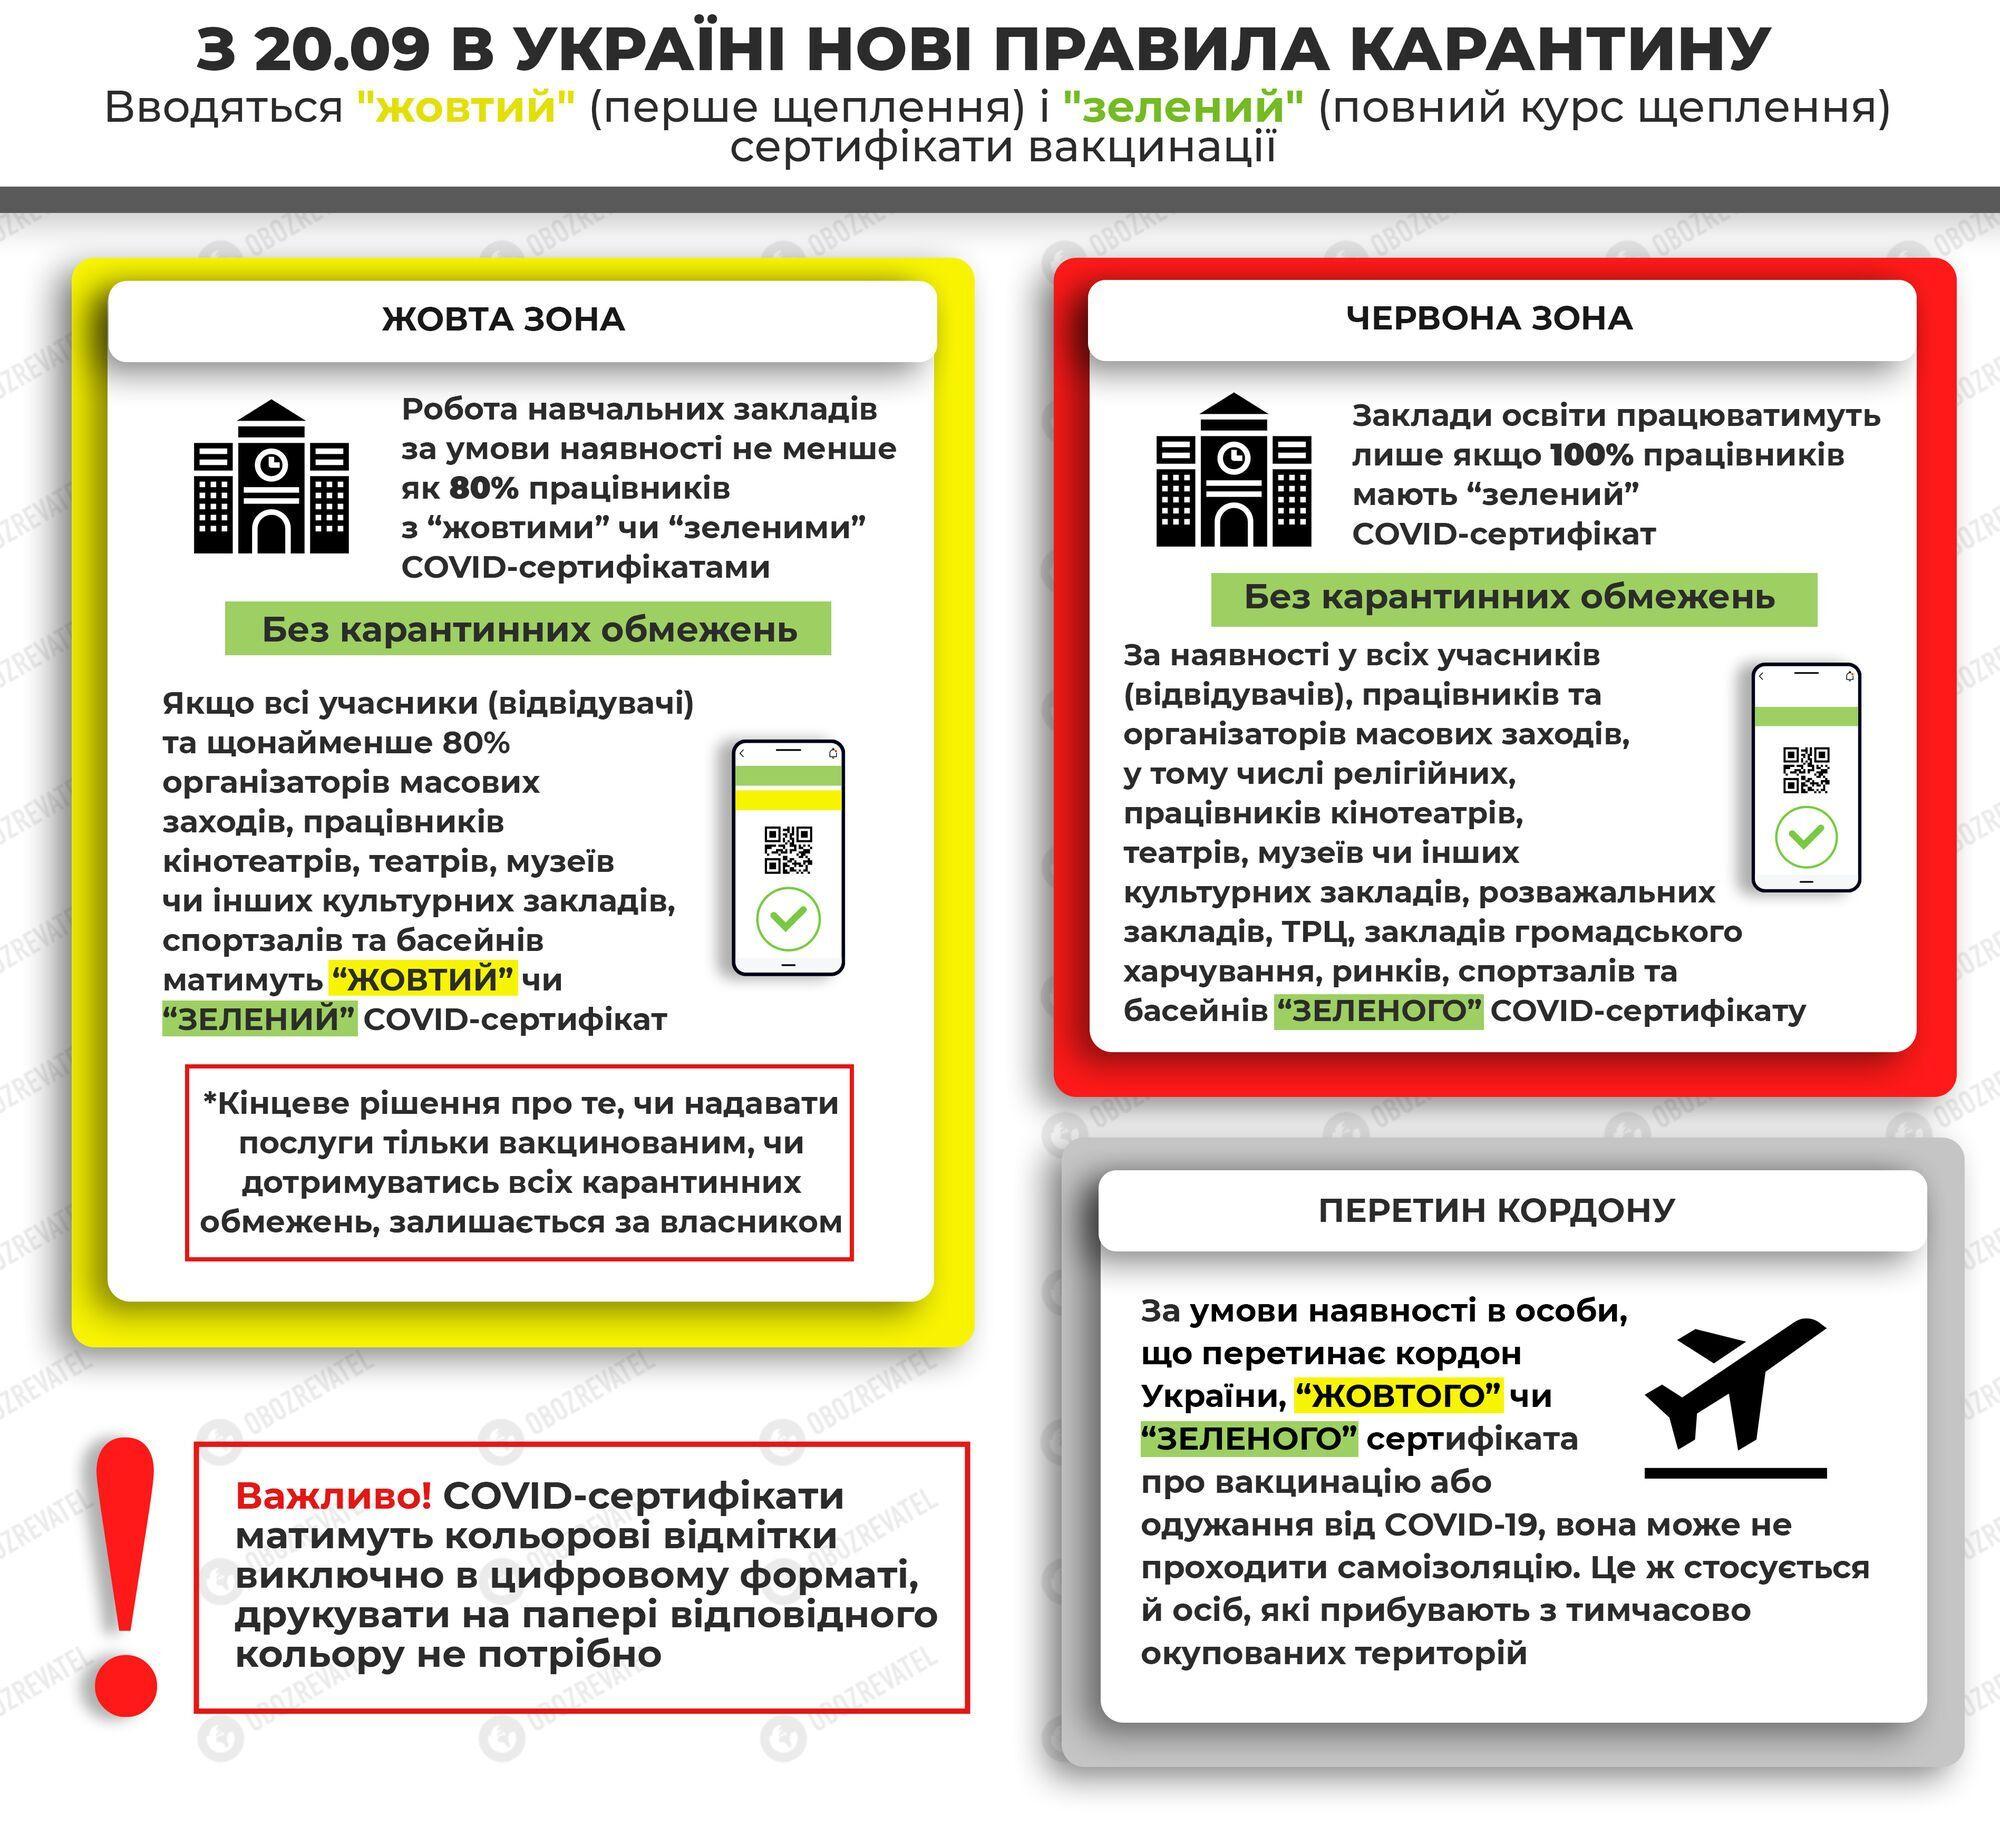 Новые карантинные ограничения в Украине.